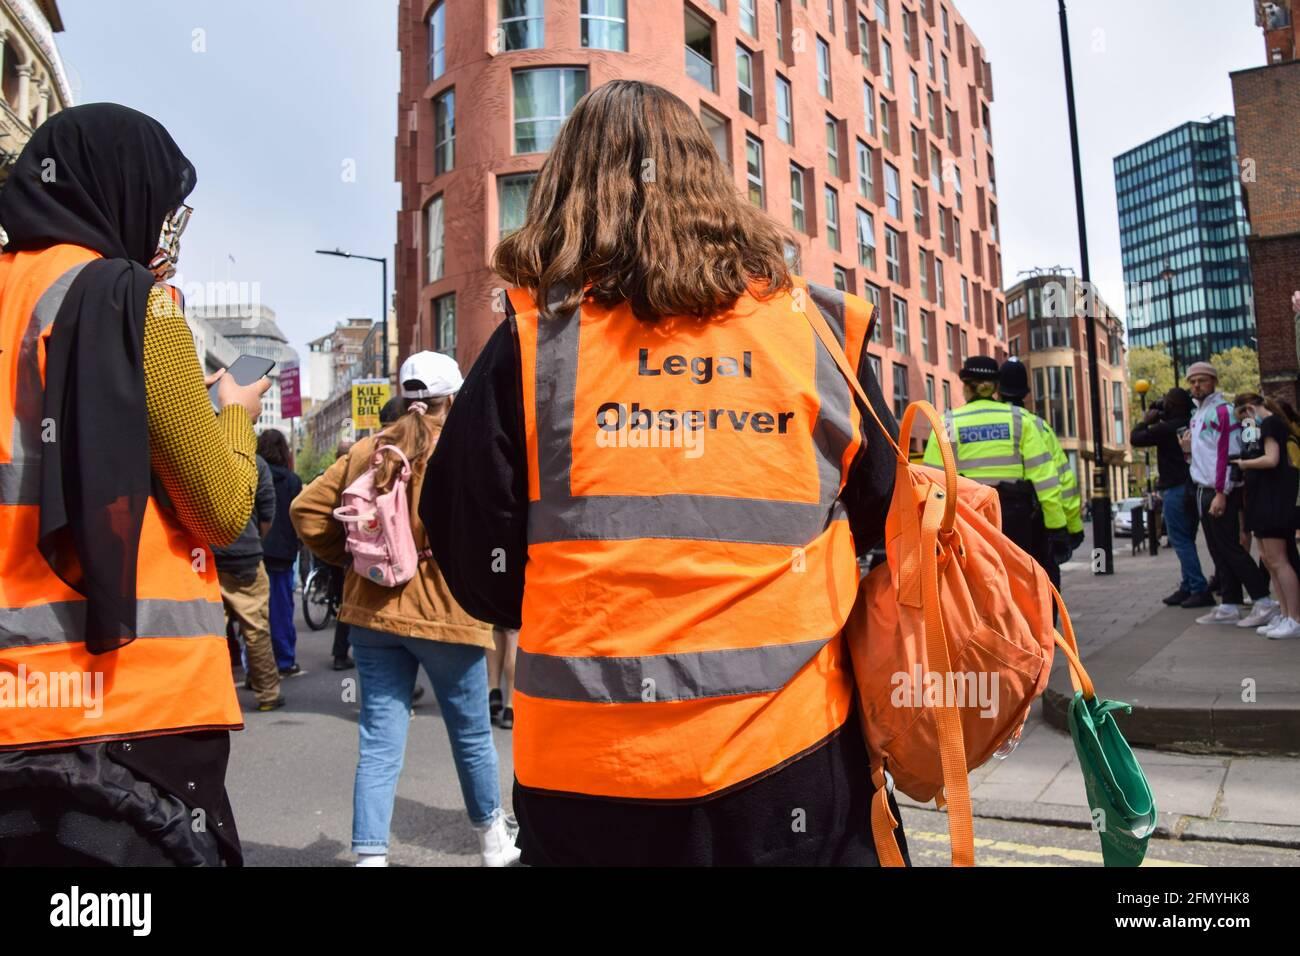 Londres, Reino Unido. 1st de mayo de 2021. Observadores legales en la protesta Kill the Bill. Miles de personas marcharon por el centro de Londres en protesta contra el proyecto de ley sobre la policía, el delito, las sentencias y los tribunales. Foto de stock